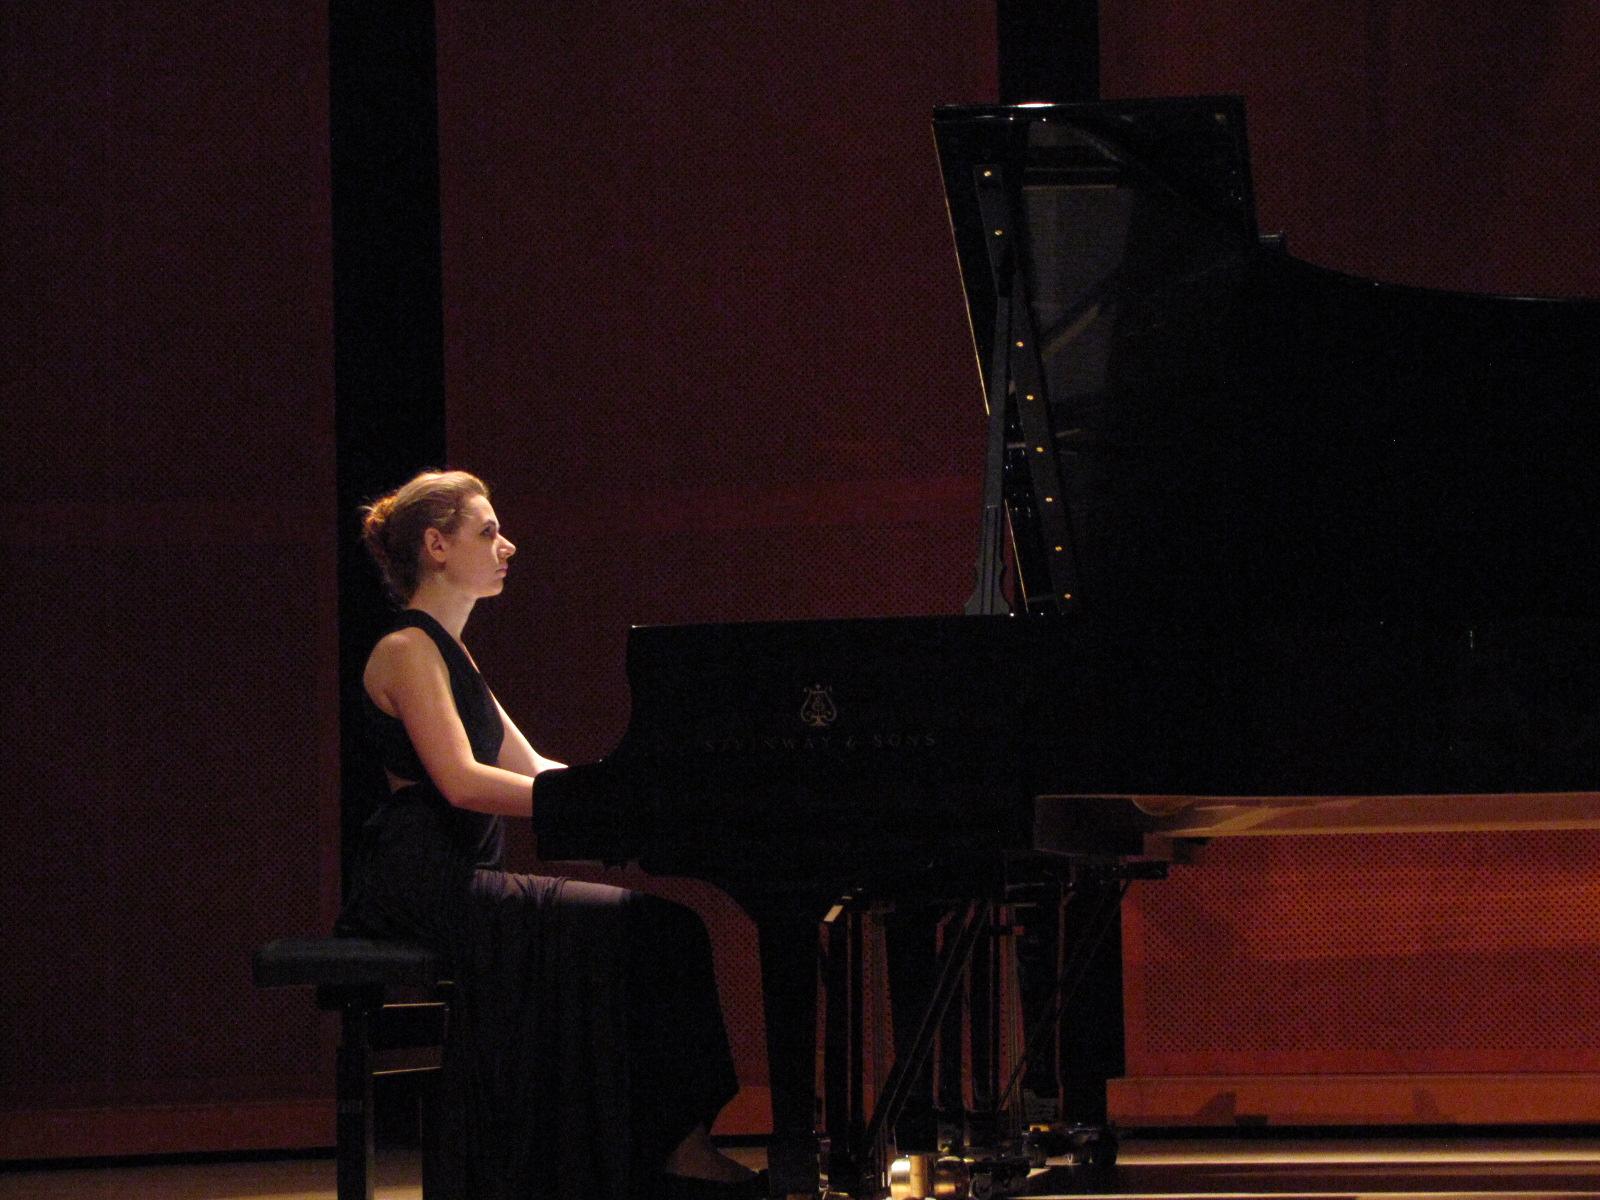 Artystka grająca na fortepianie